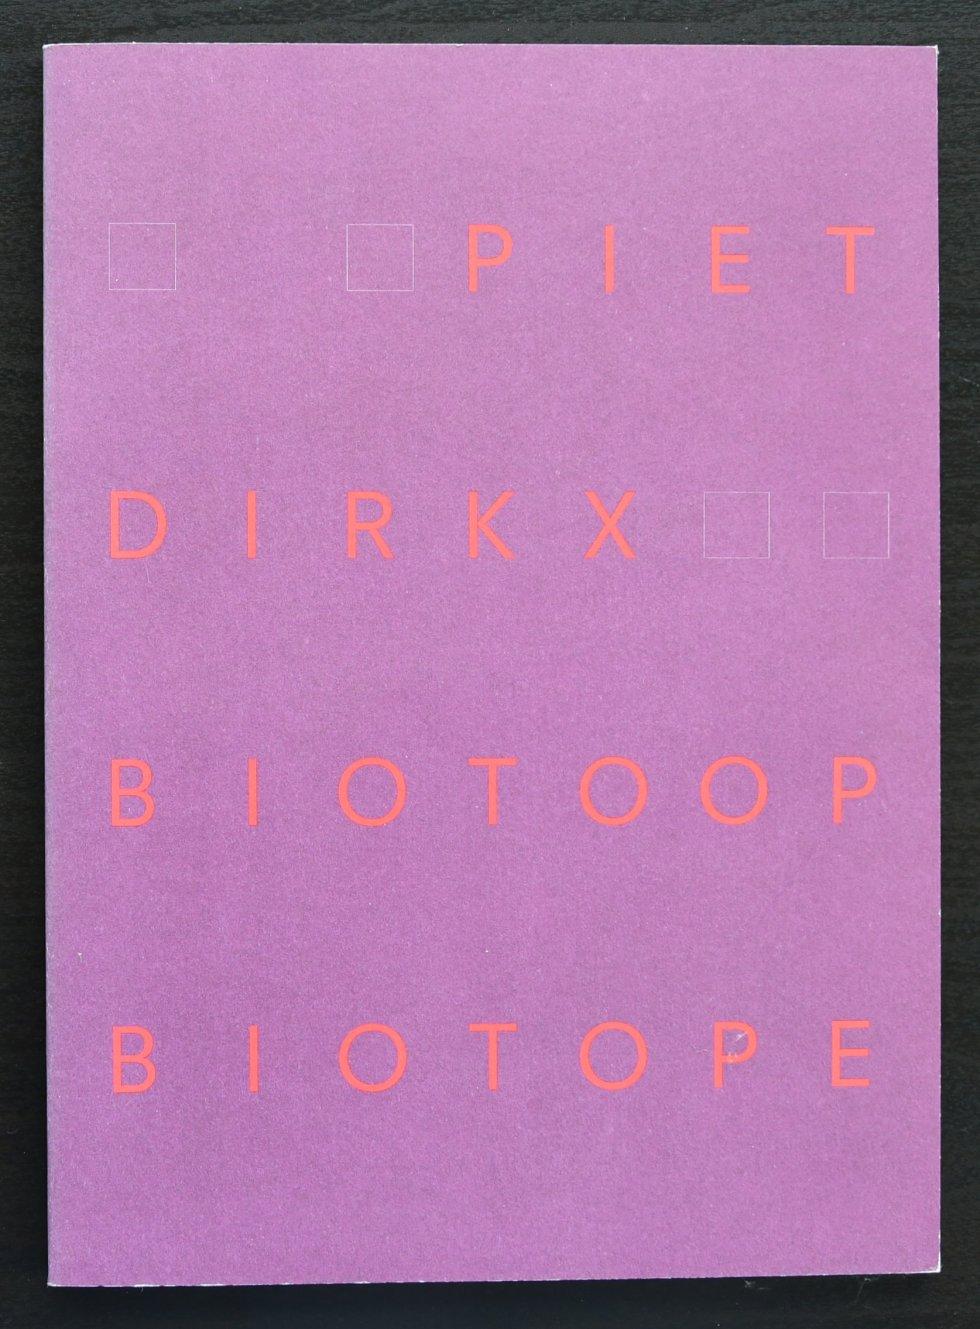 dirkx biotoop weekly